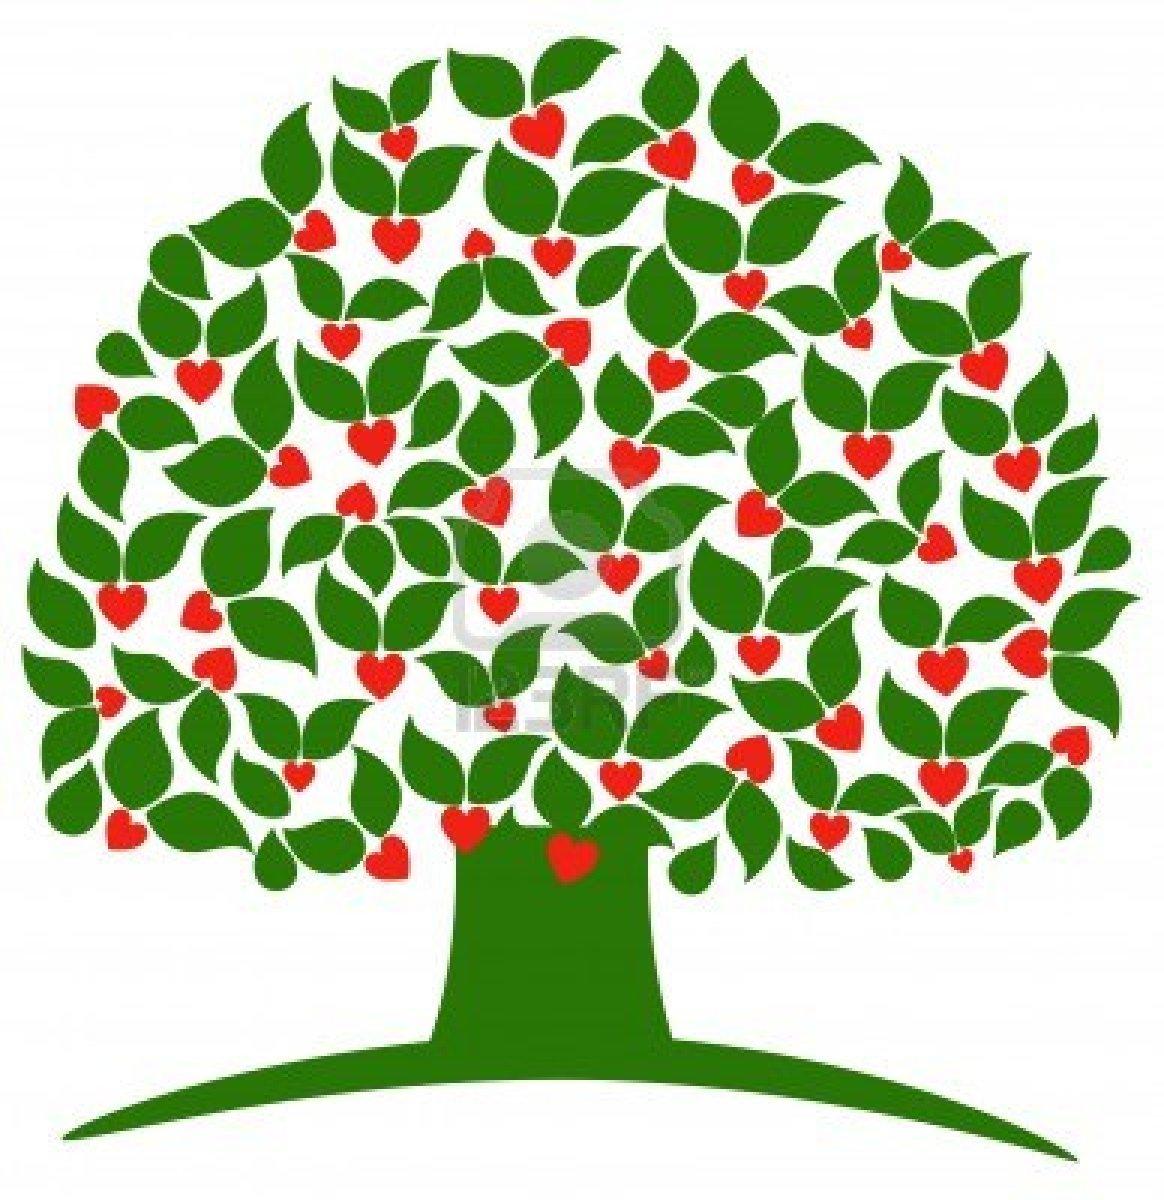 Dessins en couleurs imprimer arbres num ro 91536 - Dessin d arbre a imprimer ...